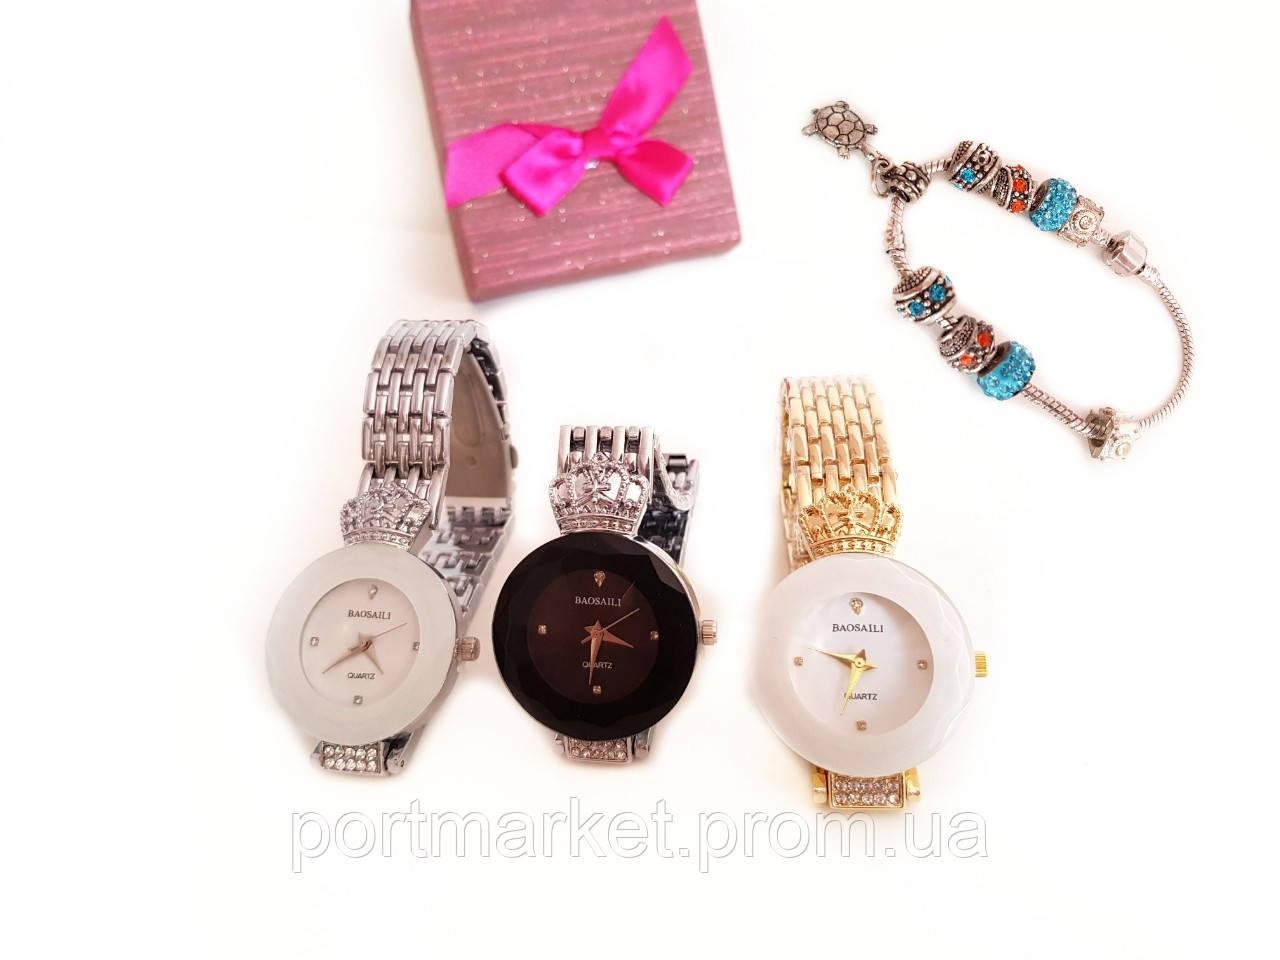 Женские часы В стиле Baosaili +  браслет Pandora в подарок